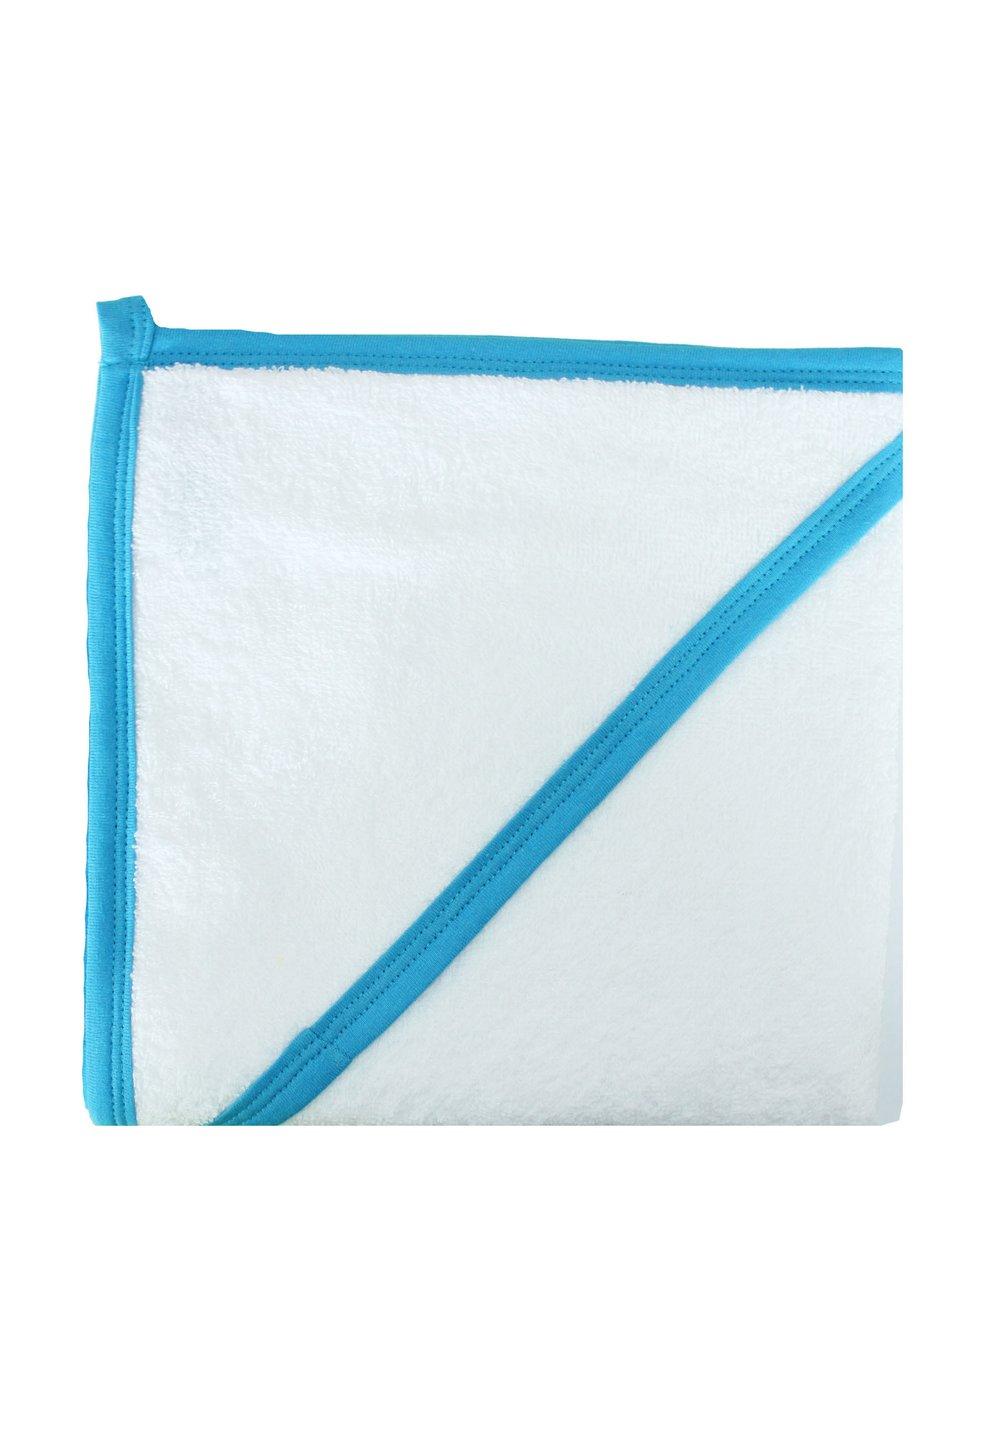 Prosop bumbac, alb cu margine turcoaz, 80 x 100 cm imagine